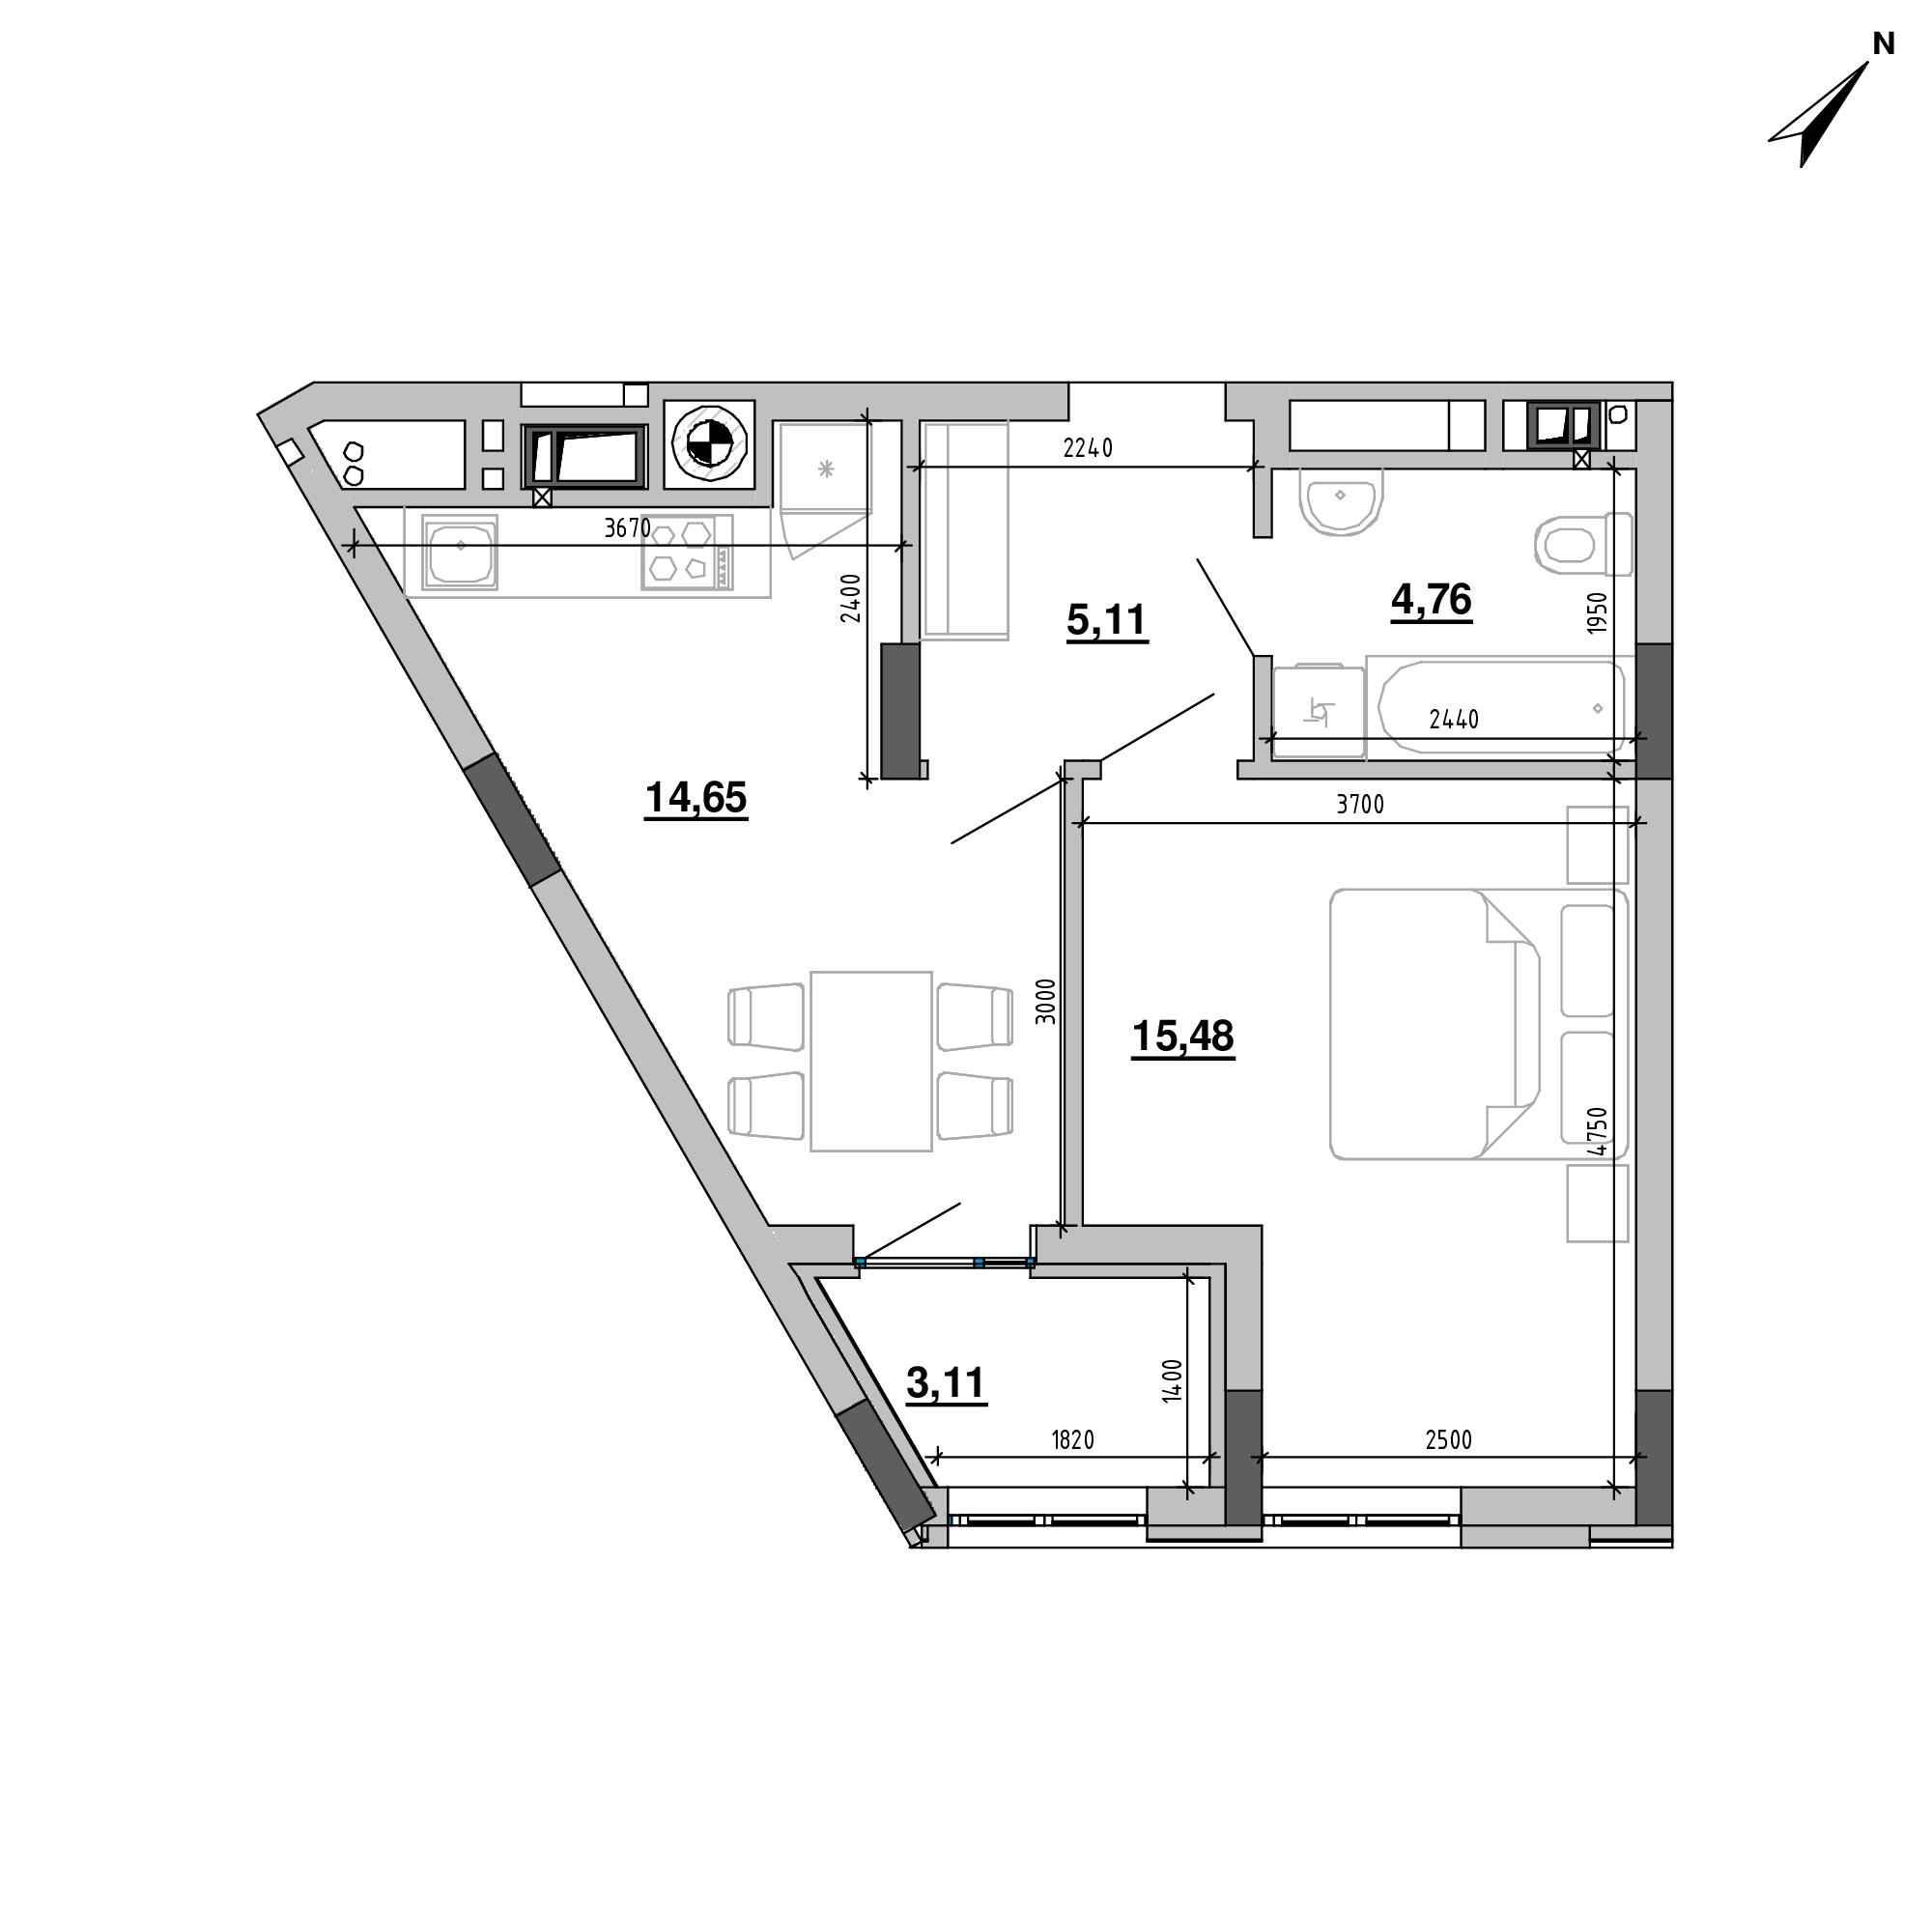 ЖК Підзамче. Вежа: планування 1-кімнатної квартири, №13, 43.11 м<sup>2</sup>